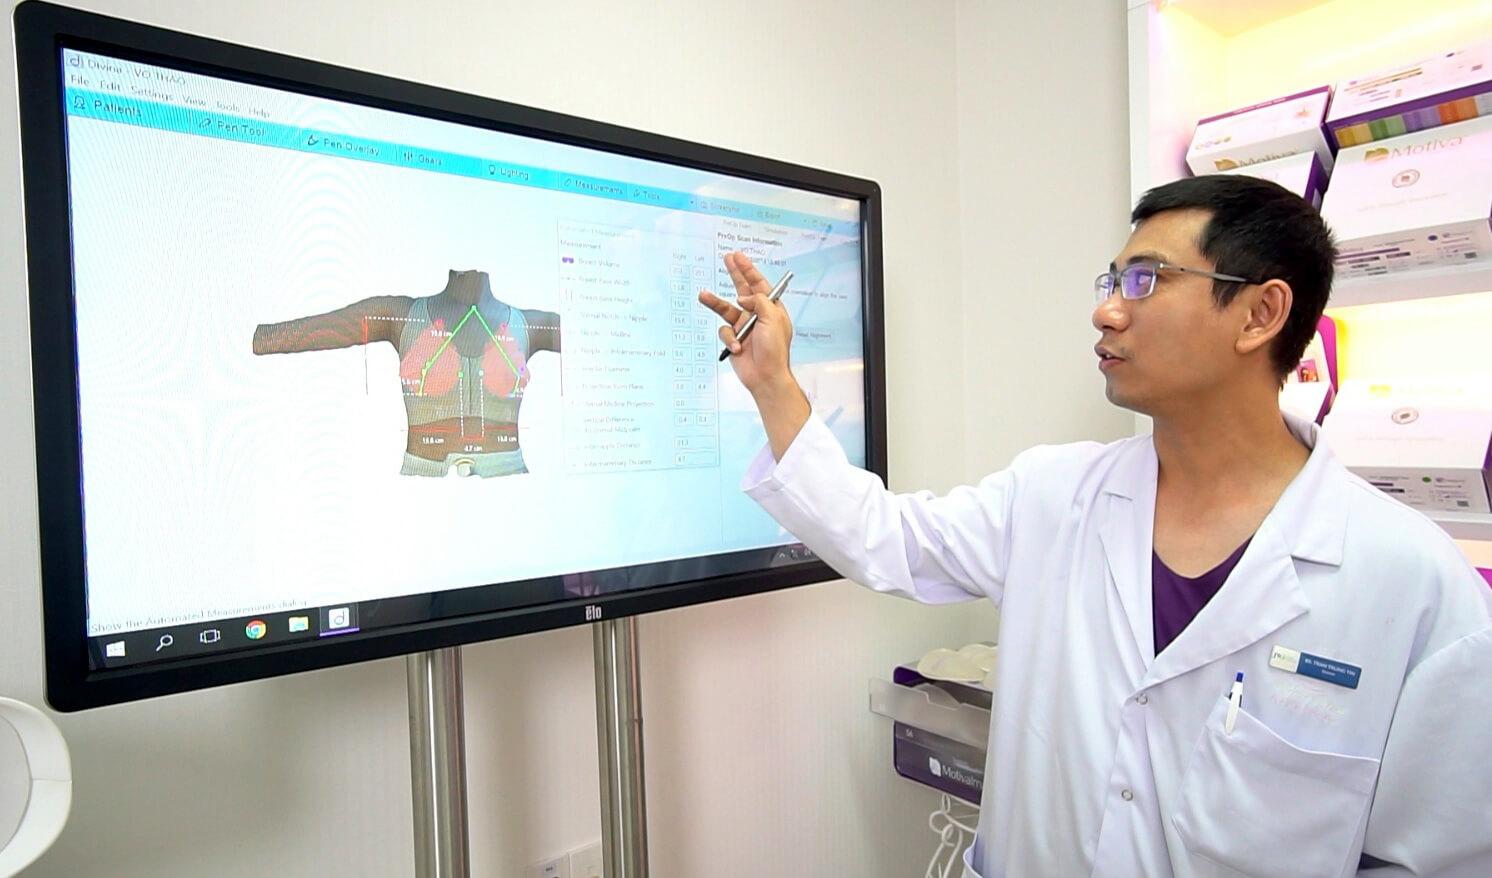 Phẫu thuật nâng ngực có ảnh hưởng gì không-Hình 6